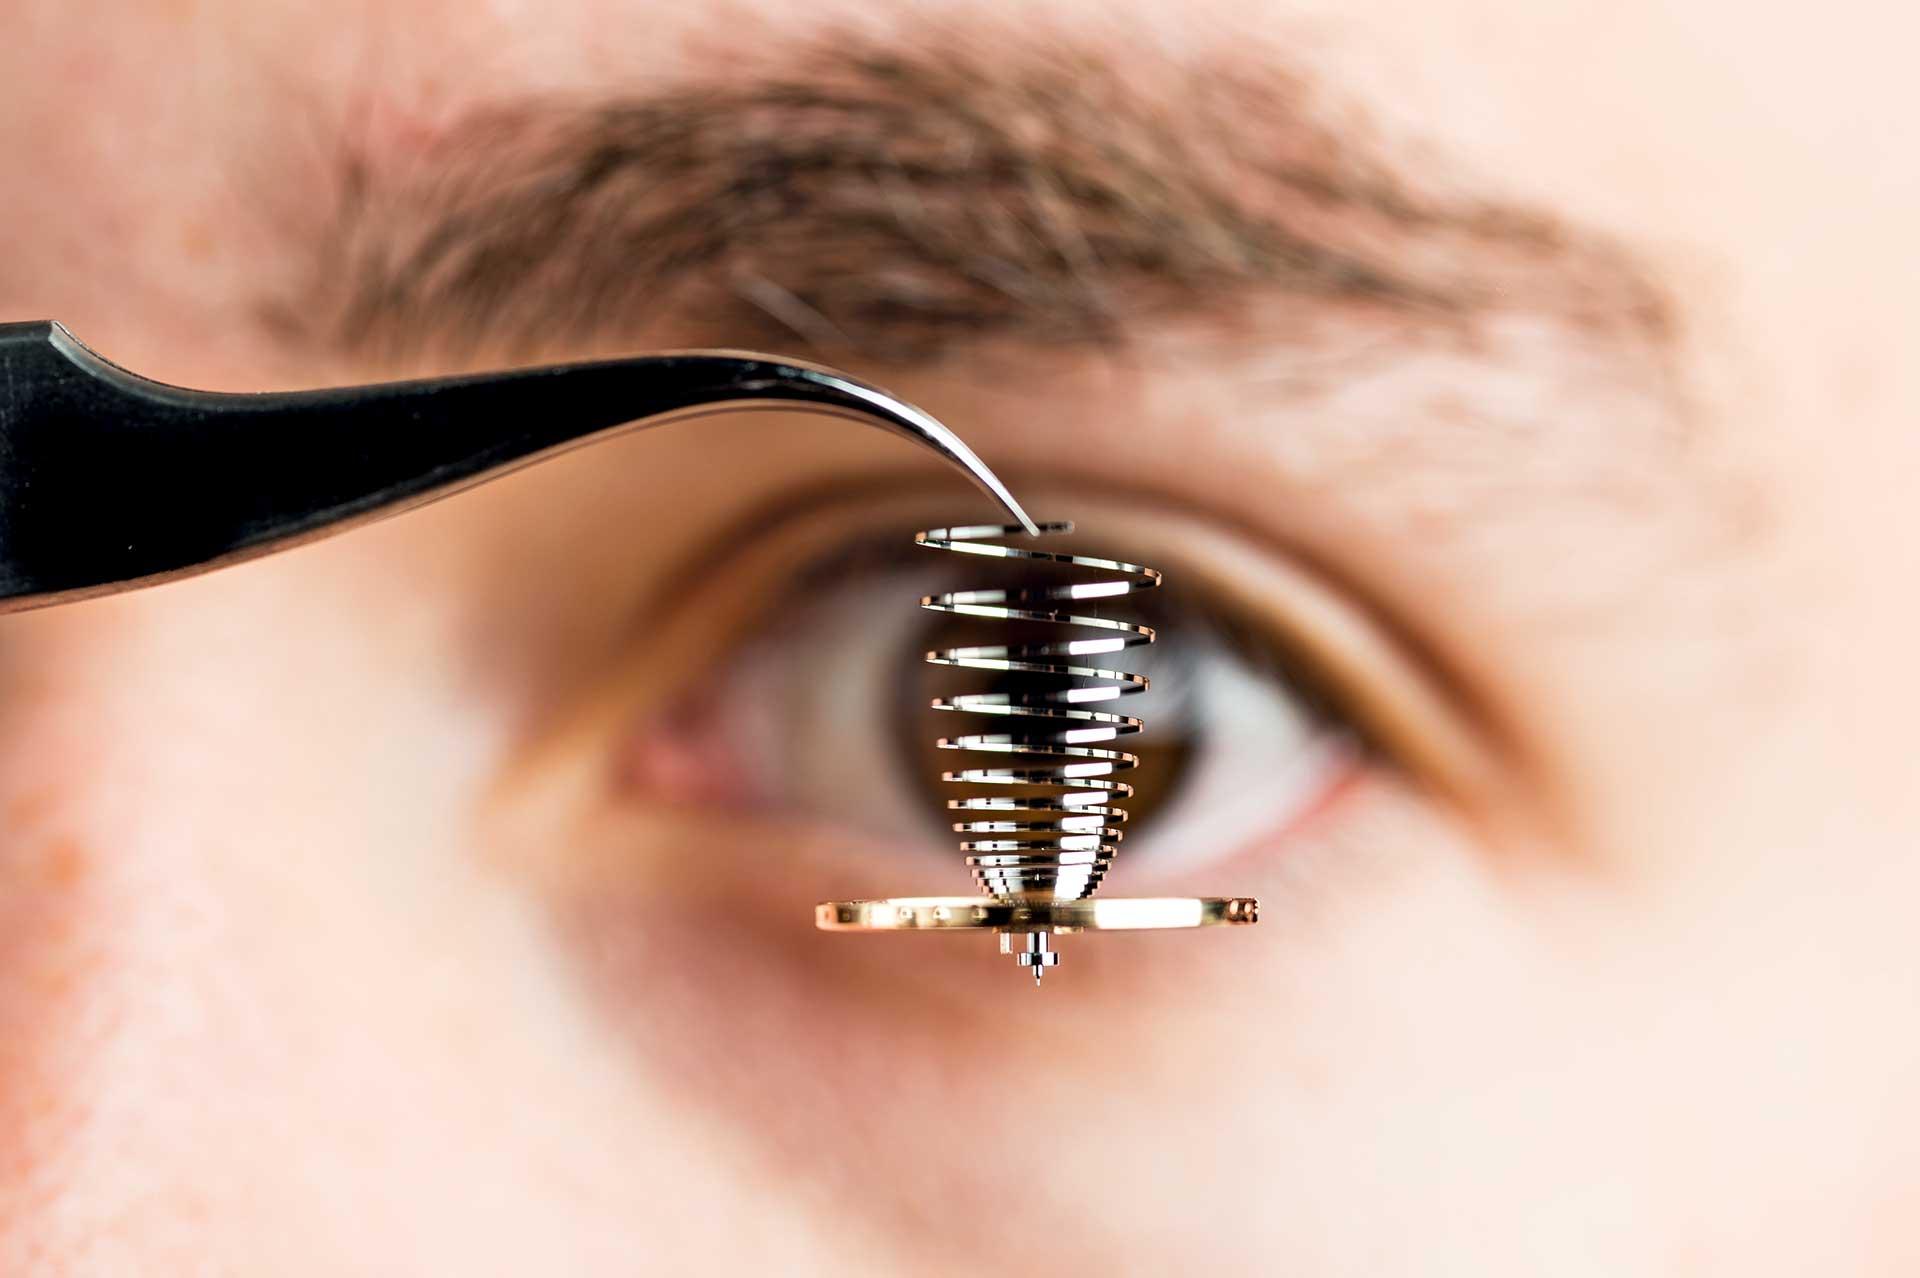 Wichtigstes Hilfsmittel bei der Bearbeitung von Unruh und Unruhspirale: das menschliche Auge. Nur erfahrene Mitarbeiter können Unregelmäßigkeiten erkennen und ausgleichen.